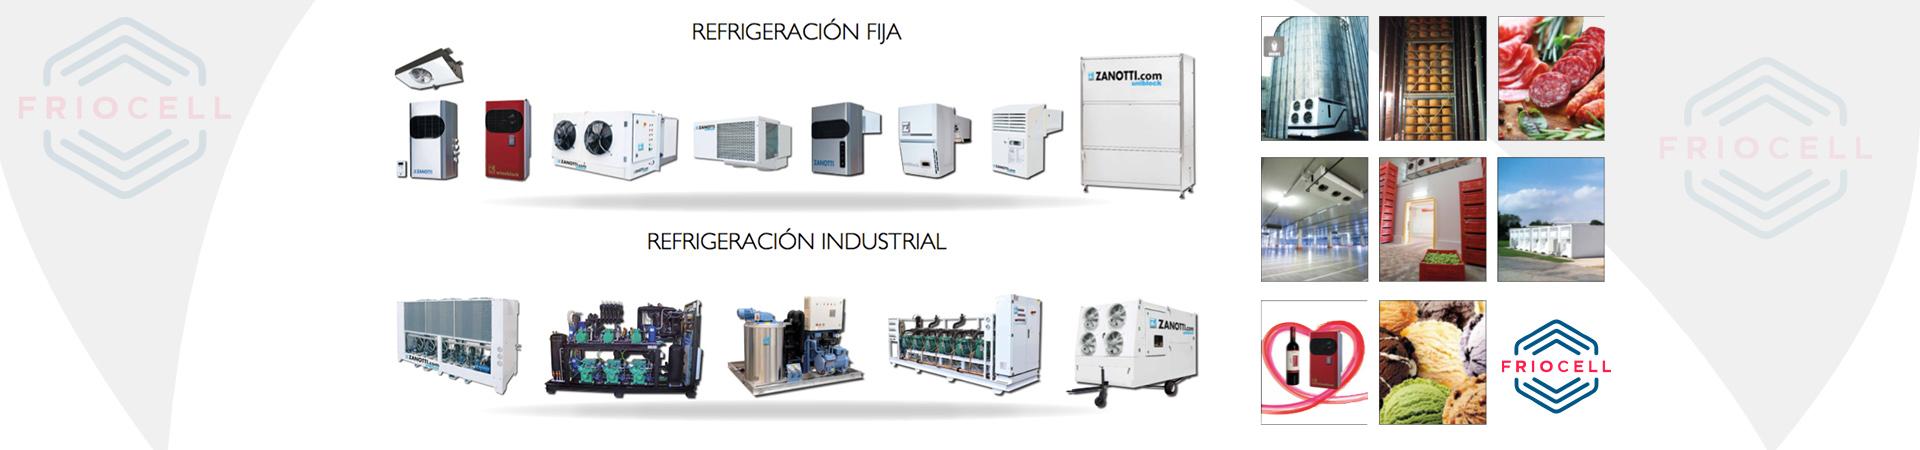 slide-4-home refrigeracion friocell